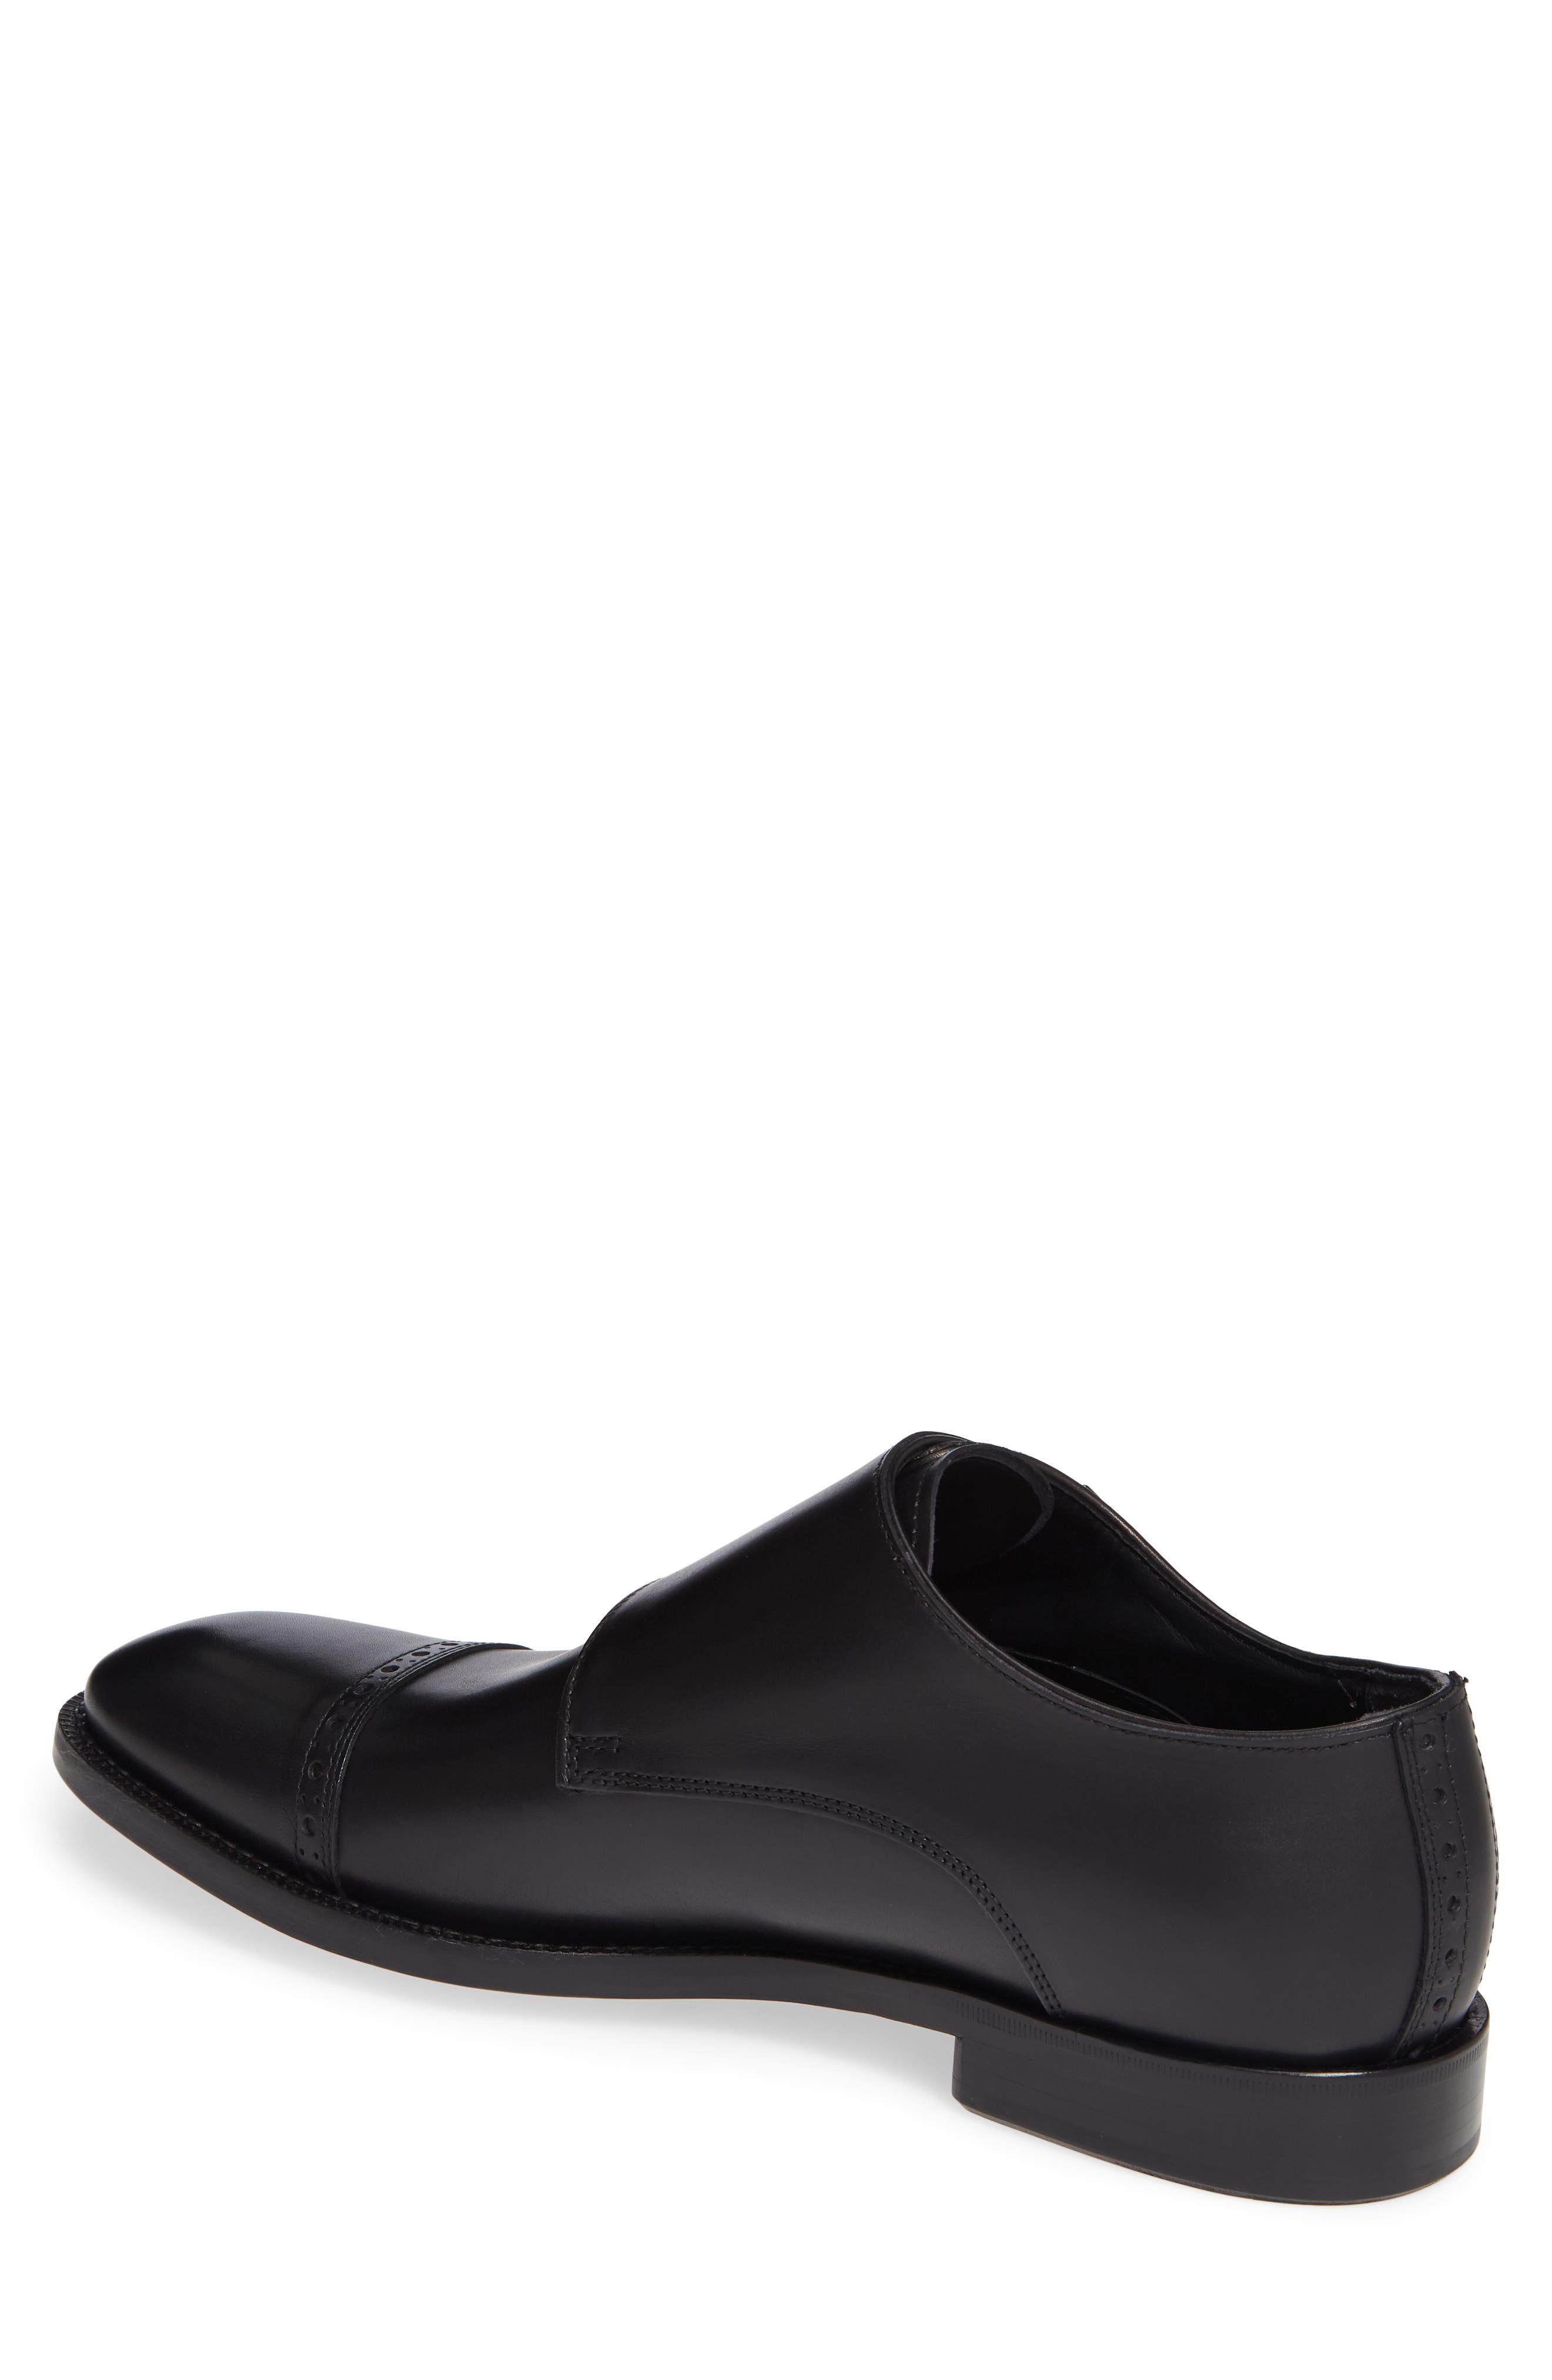 Caravaggio Double Monk Strap Shoe,                             Alternate thumbnail 2, color,                             BLACK LEATHER